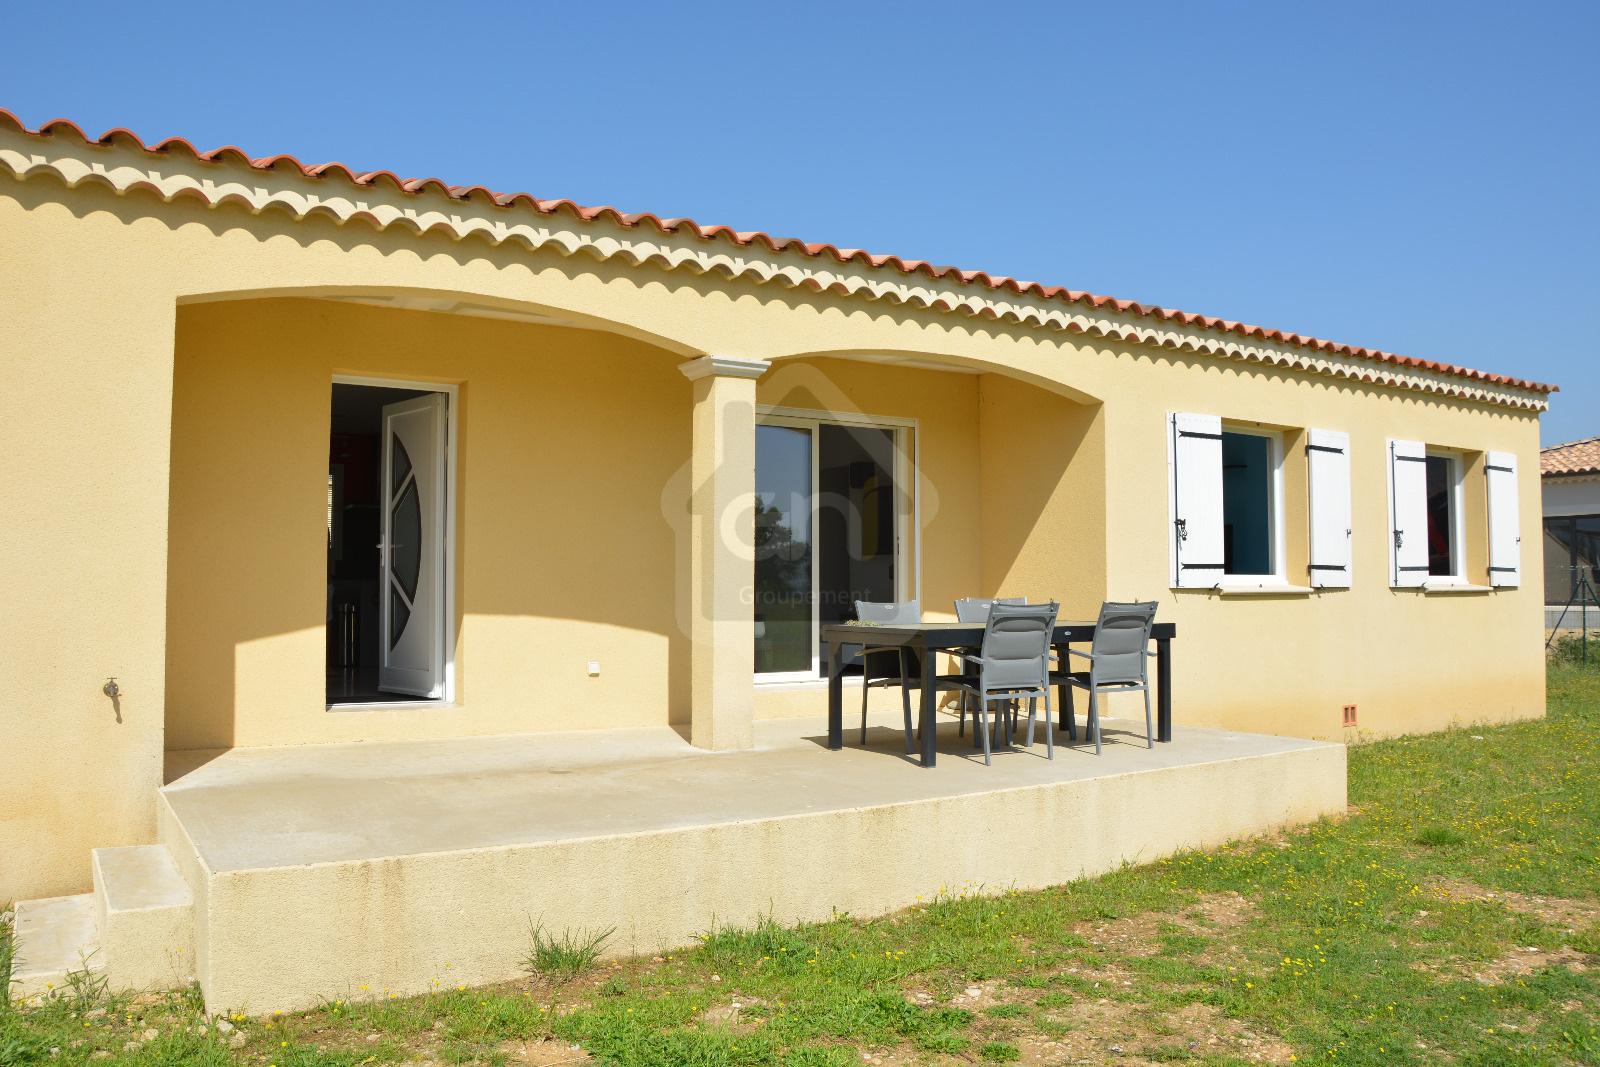 Vente maison/villa 4 pièces ste cecile les vignes 84290